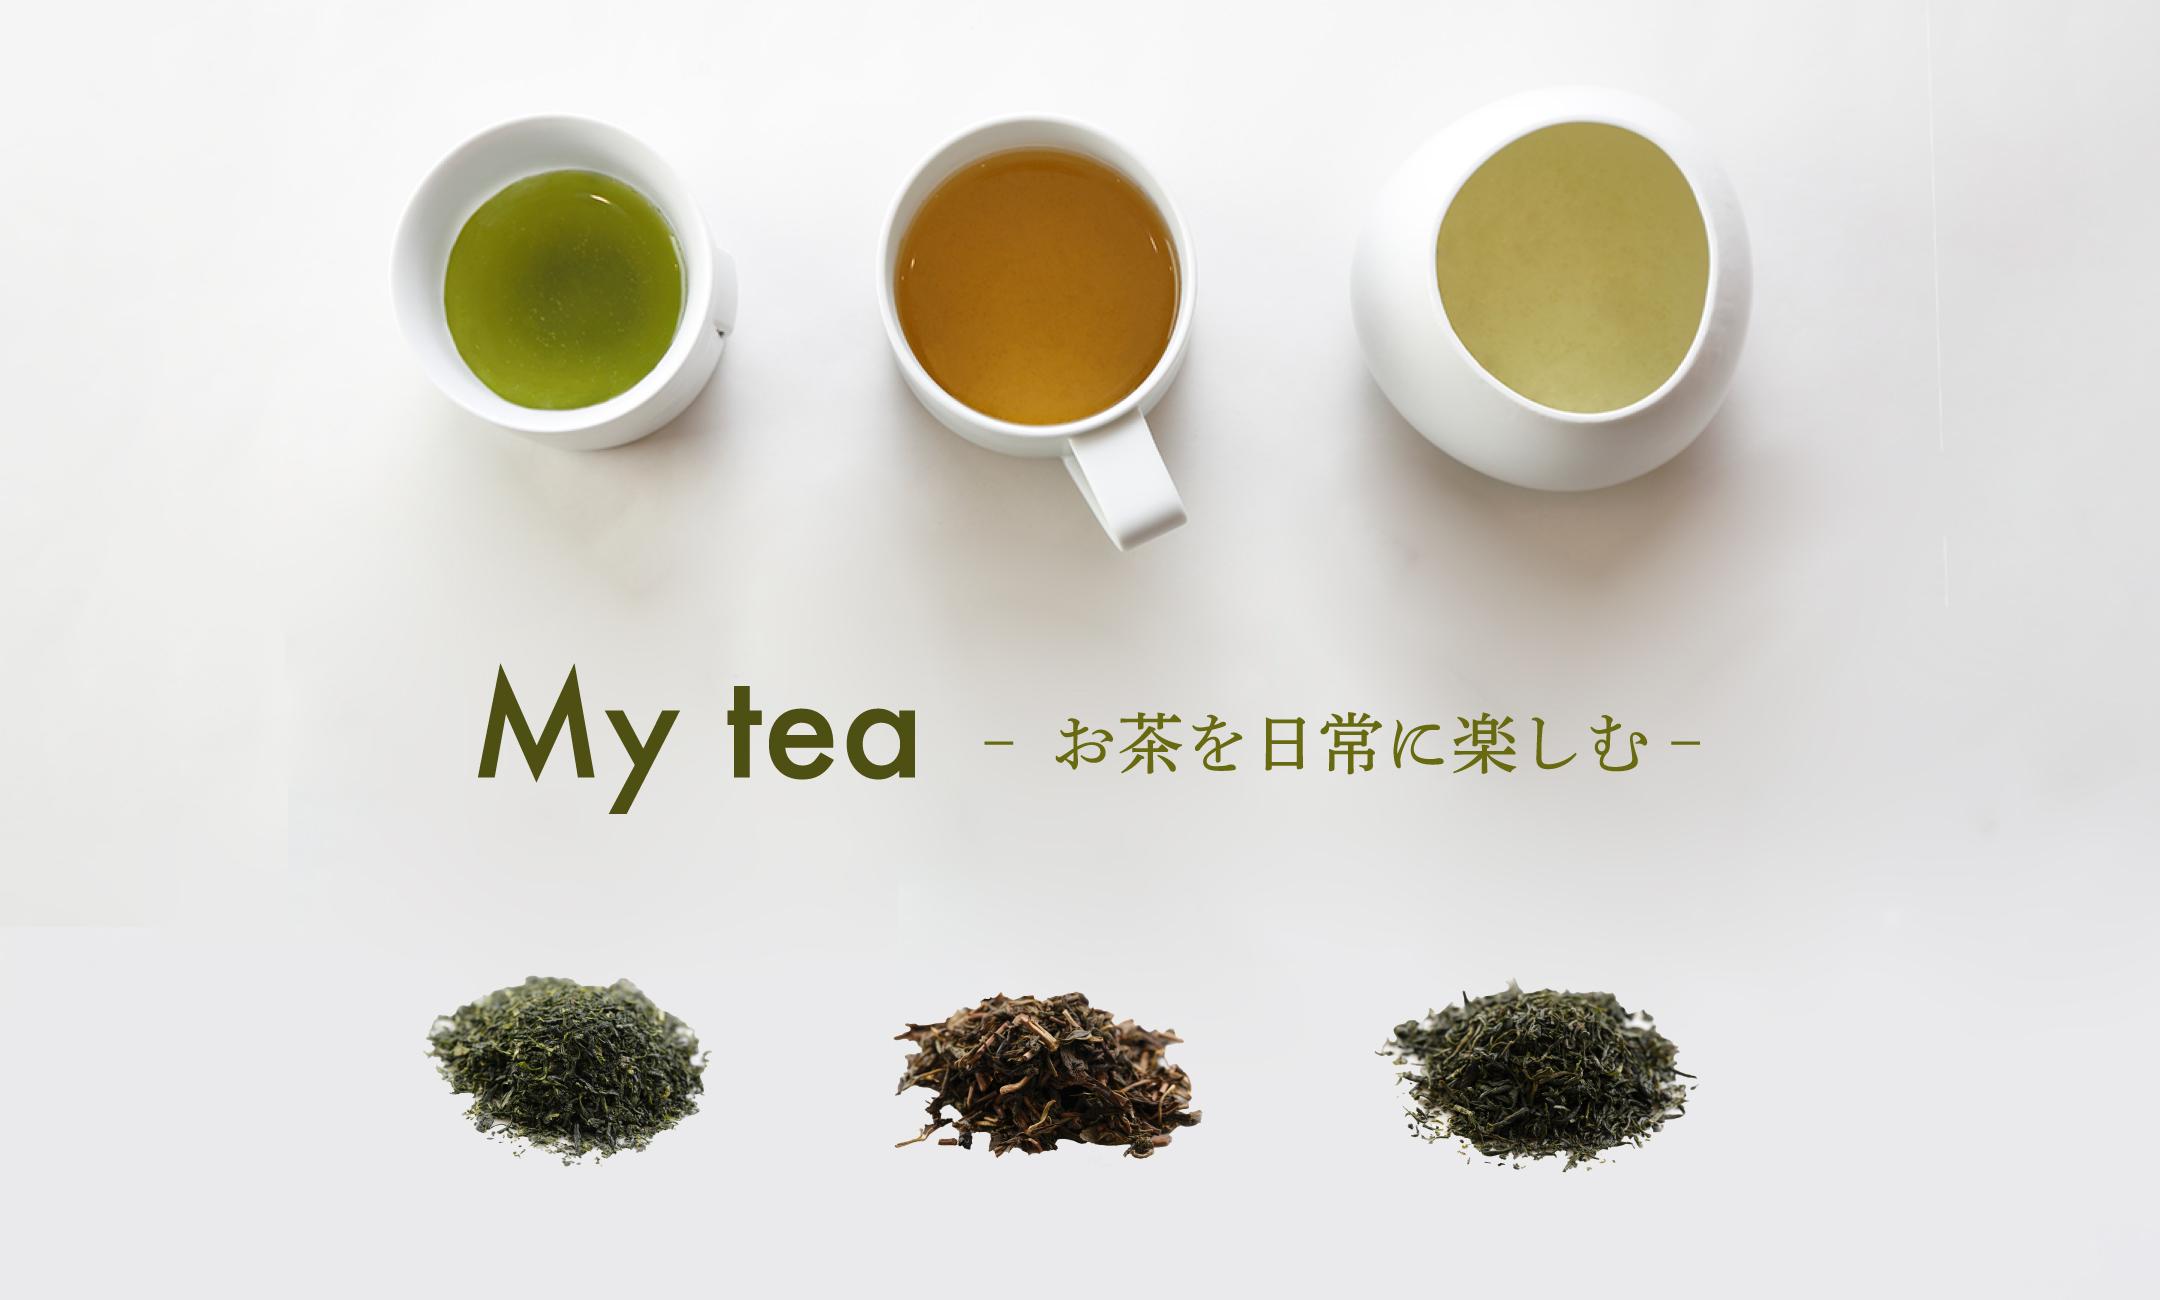 田中製茶工場 公式サイト OPEN